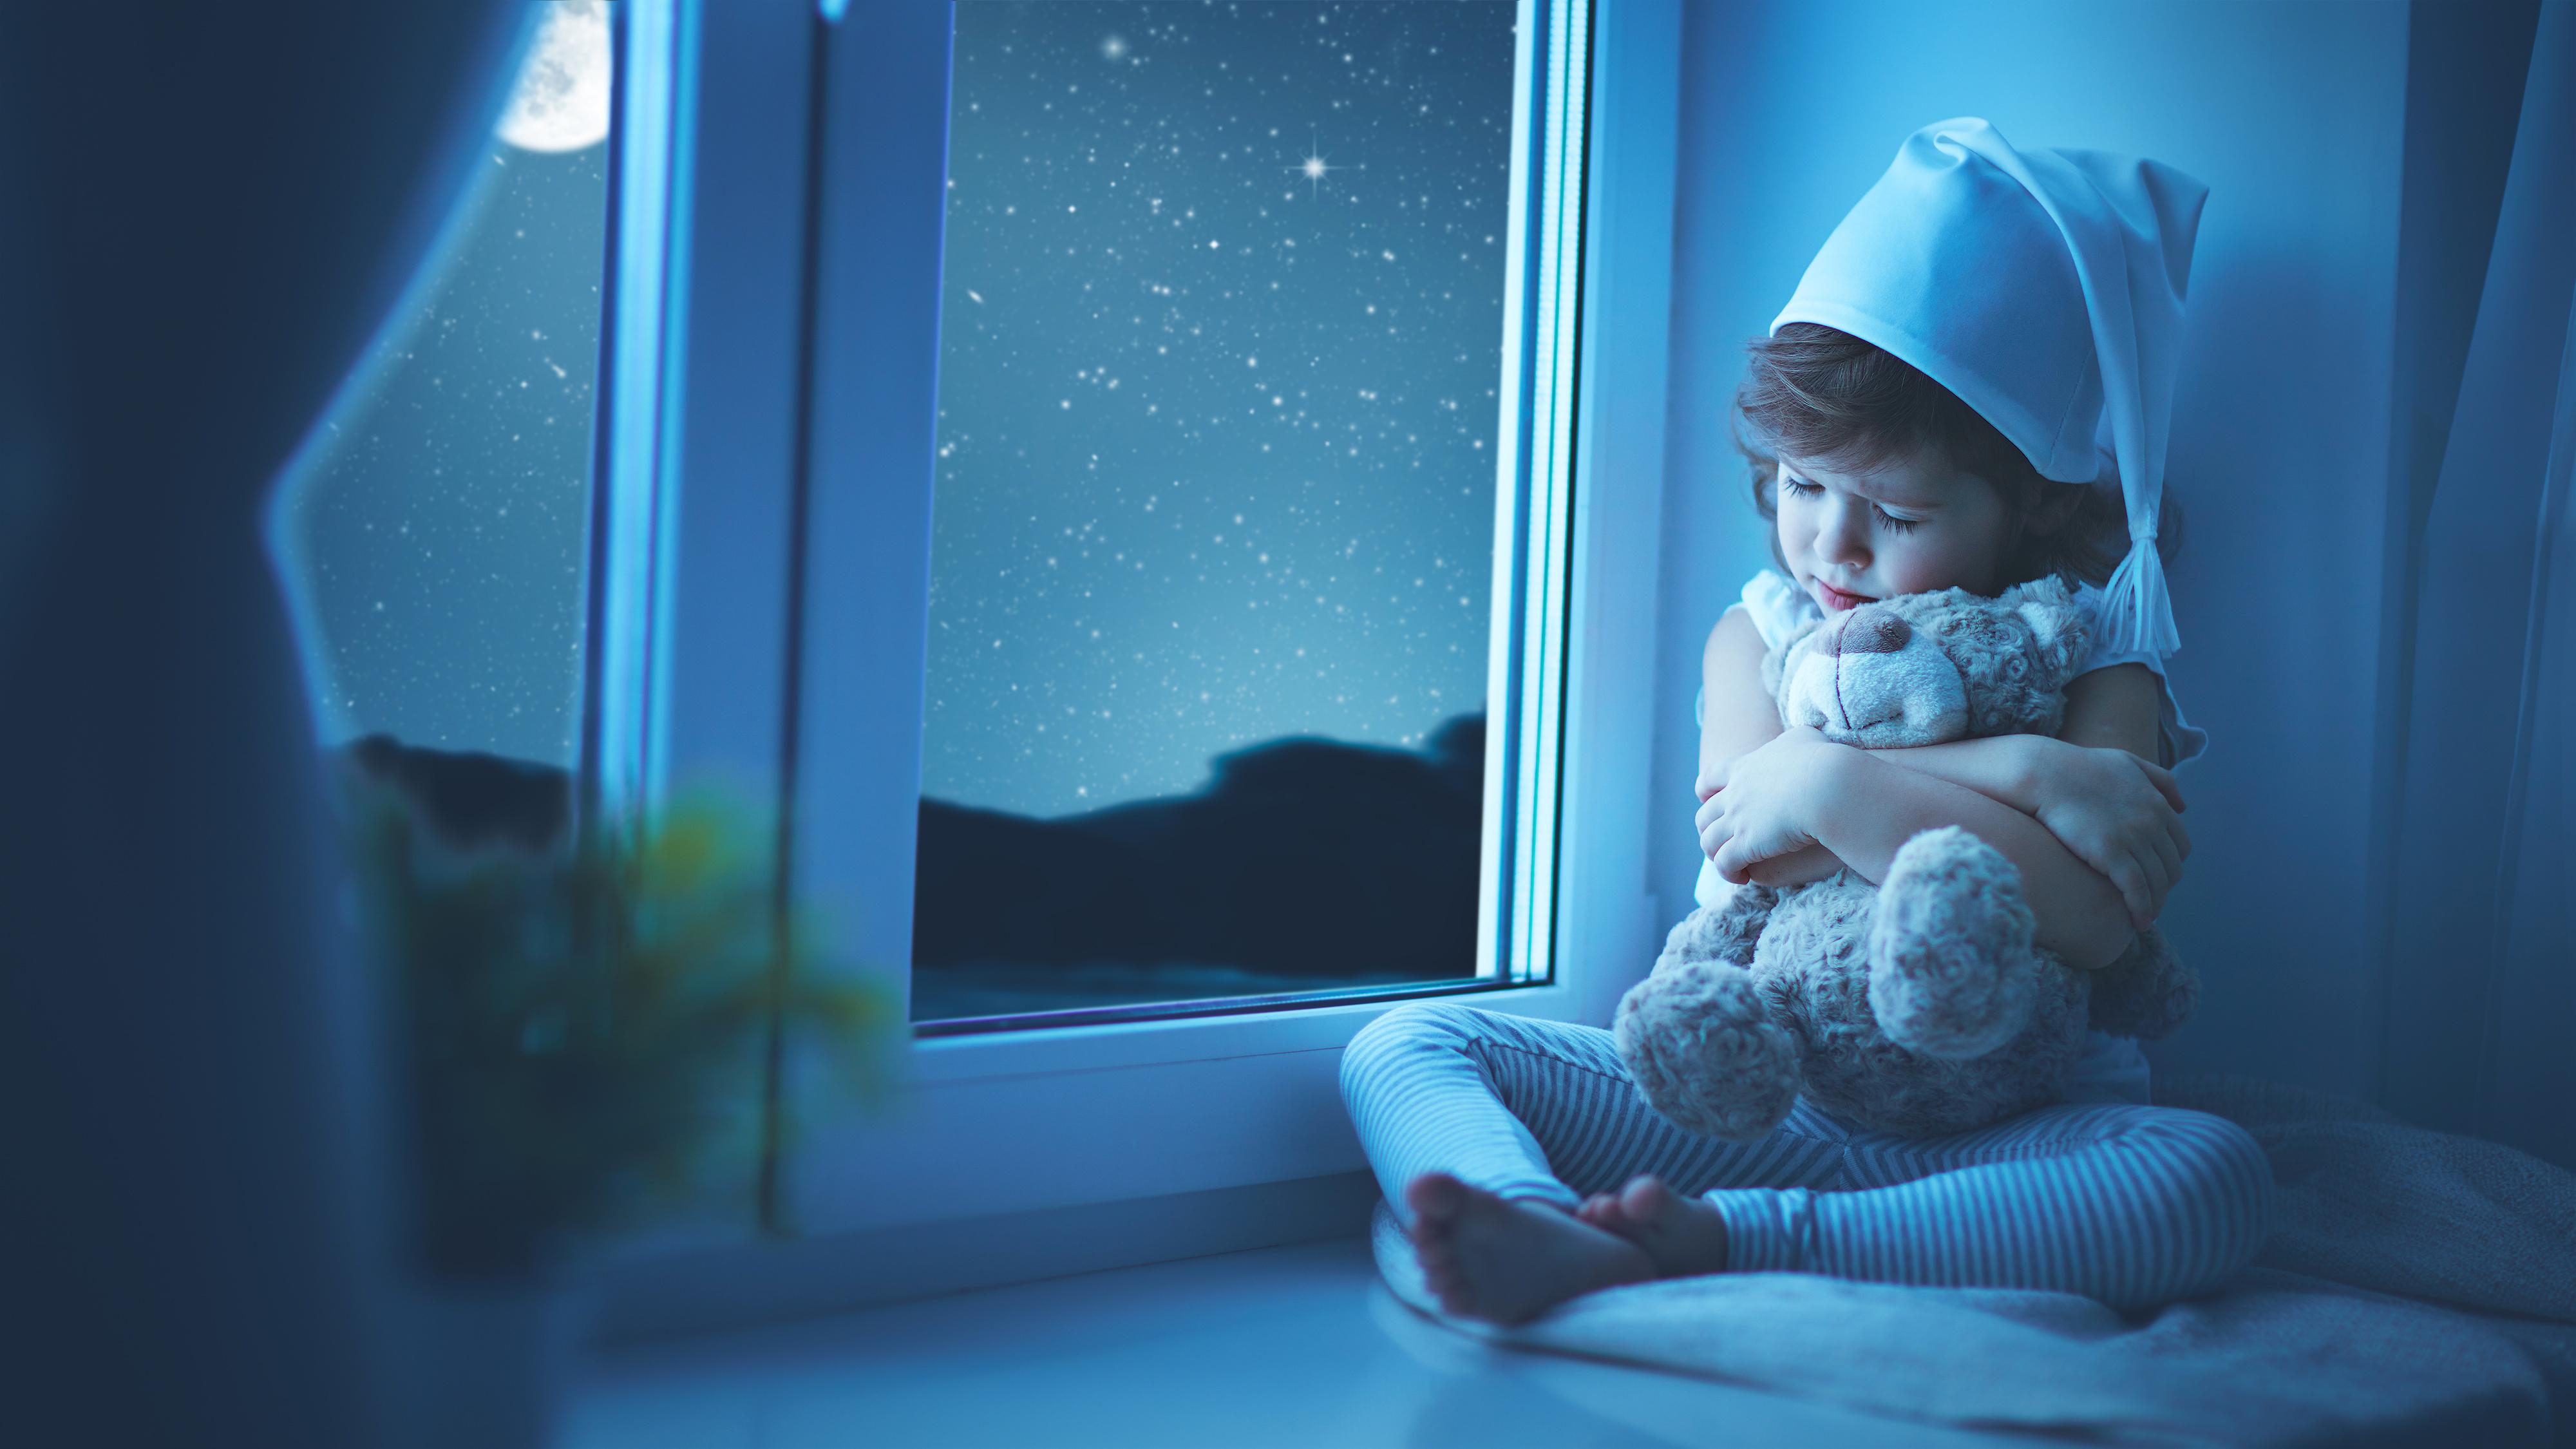 Спокойной ночи фото с детьми